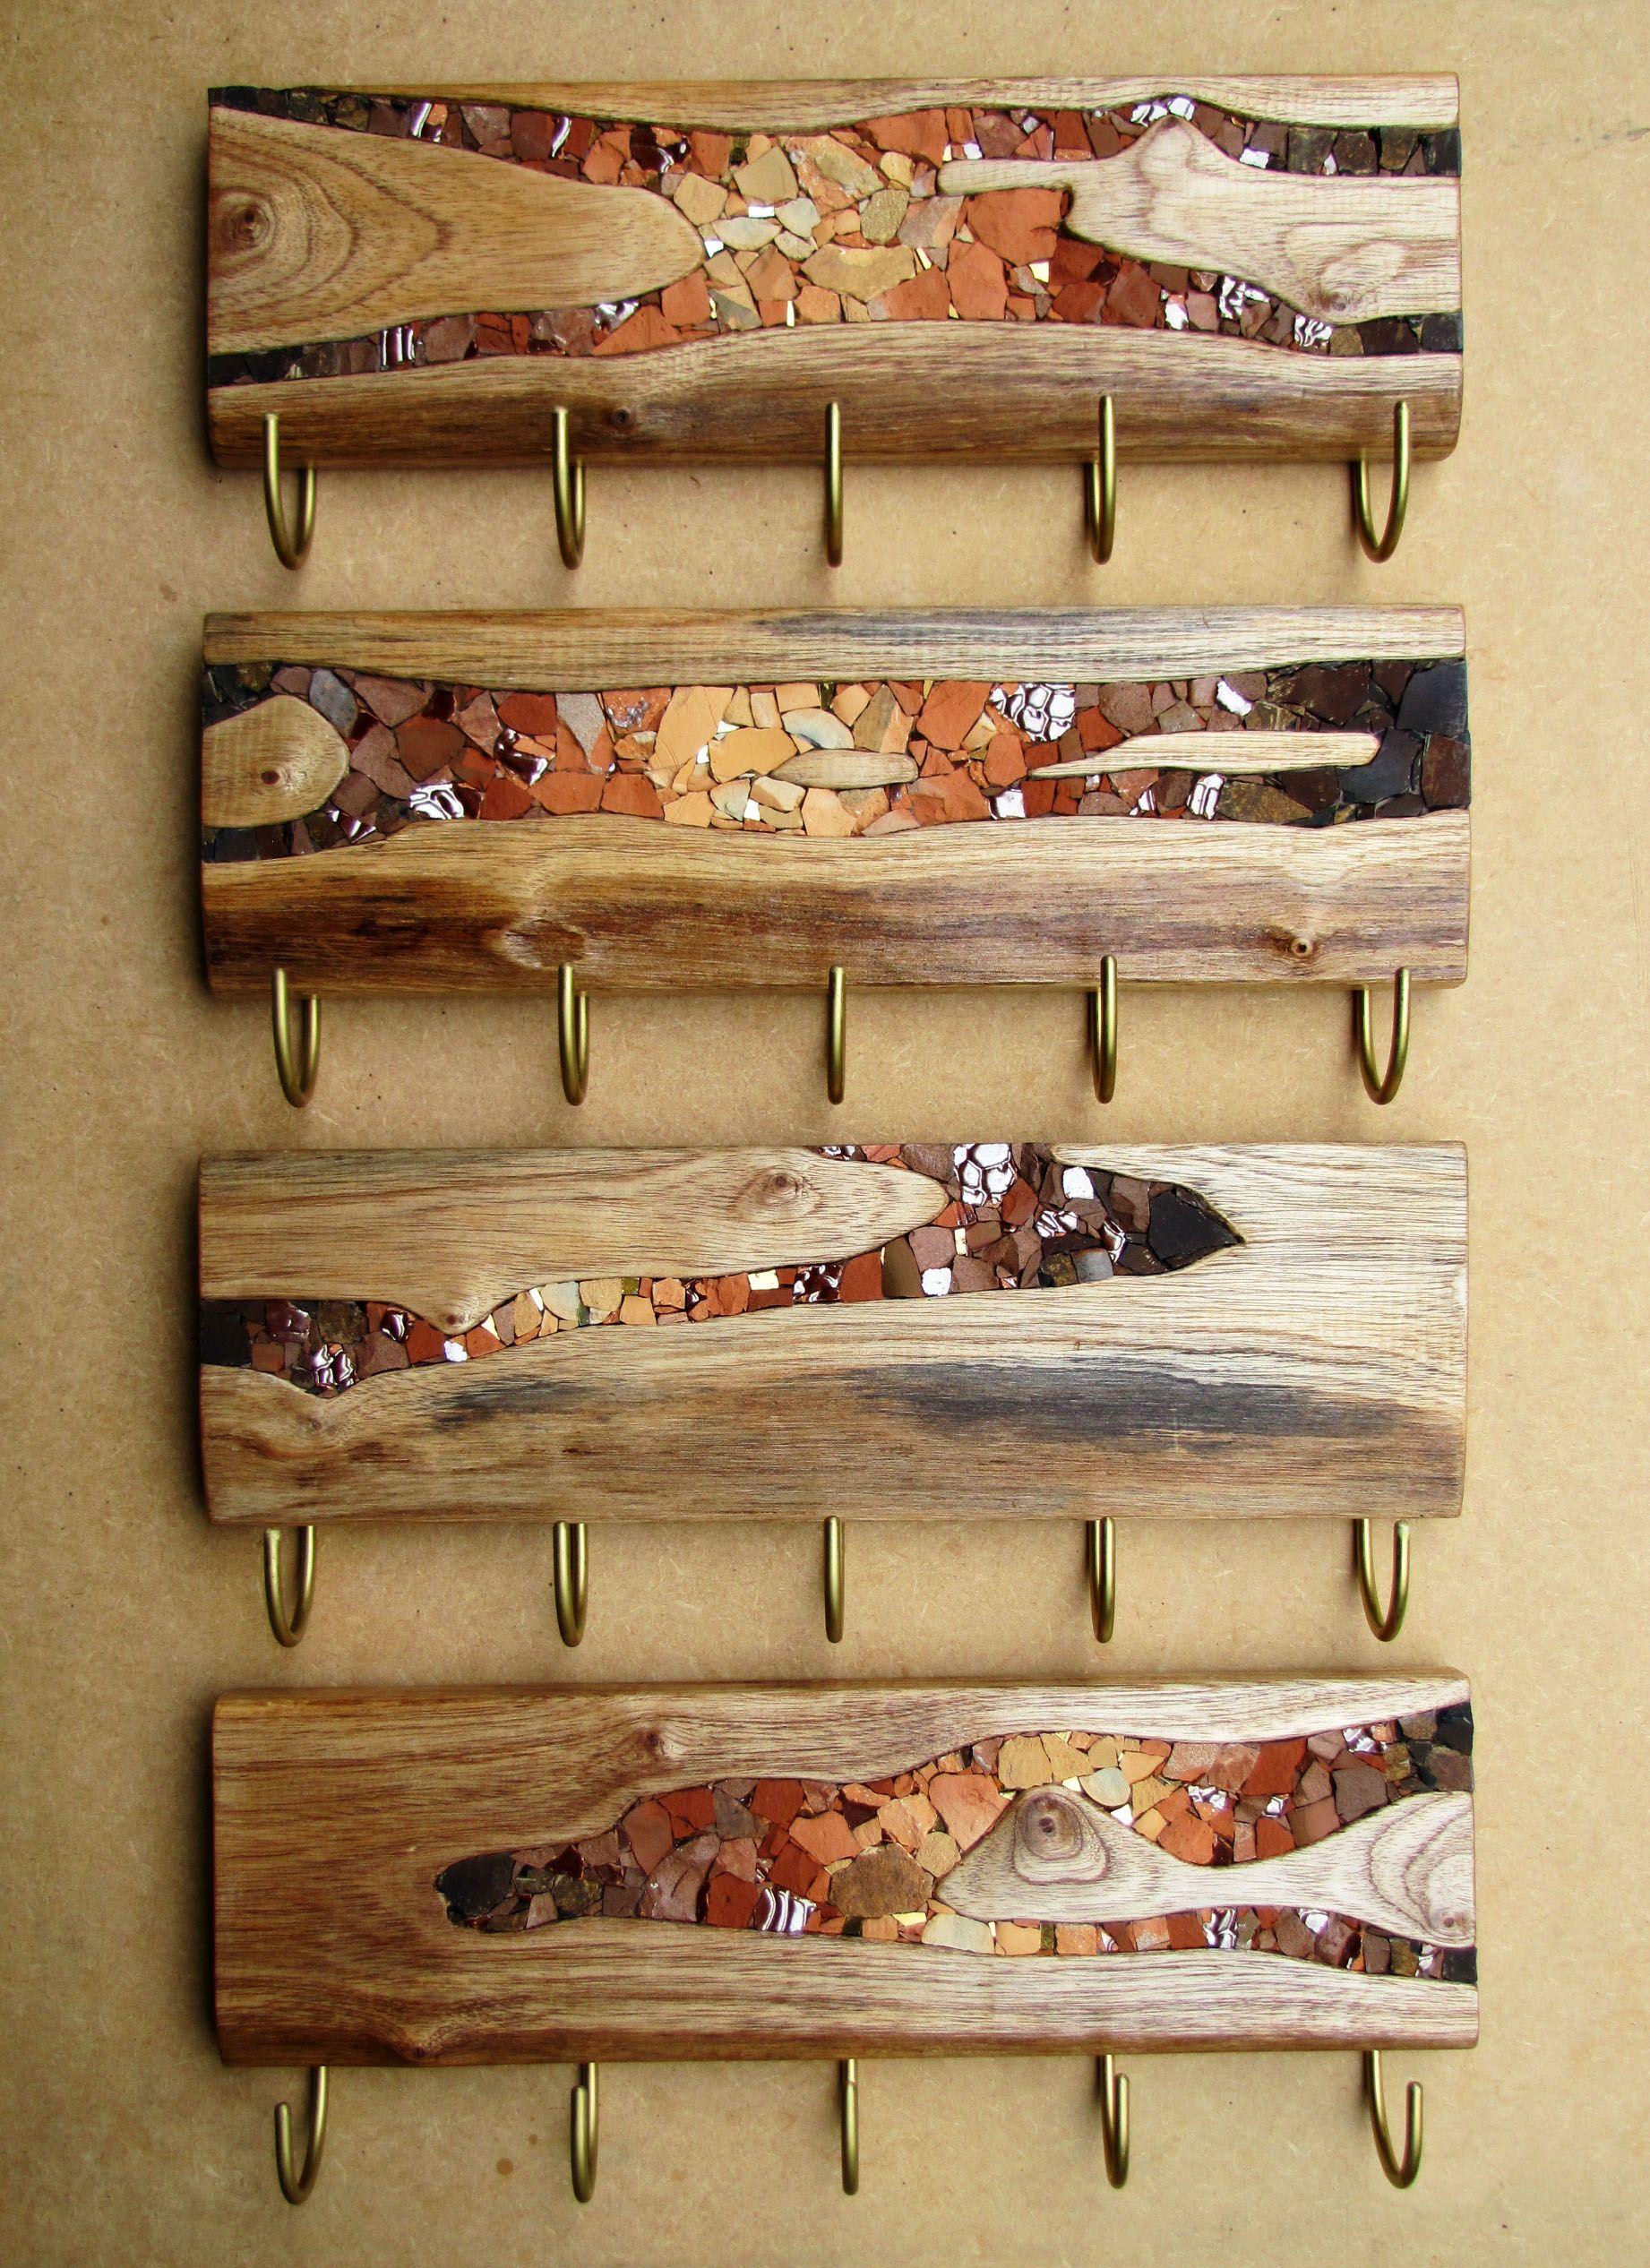 Nova Serie De Penduradores Entalhados Com Detalhes Em Mosaico Artistico Medida Aproximad Arte Em Mosaico Artesanato Em Mosaico Projetos Com Pedacos De Madeira